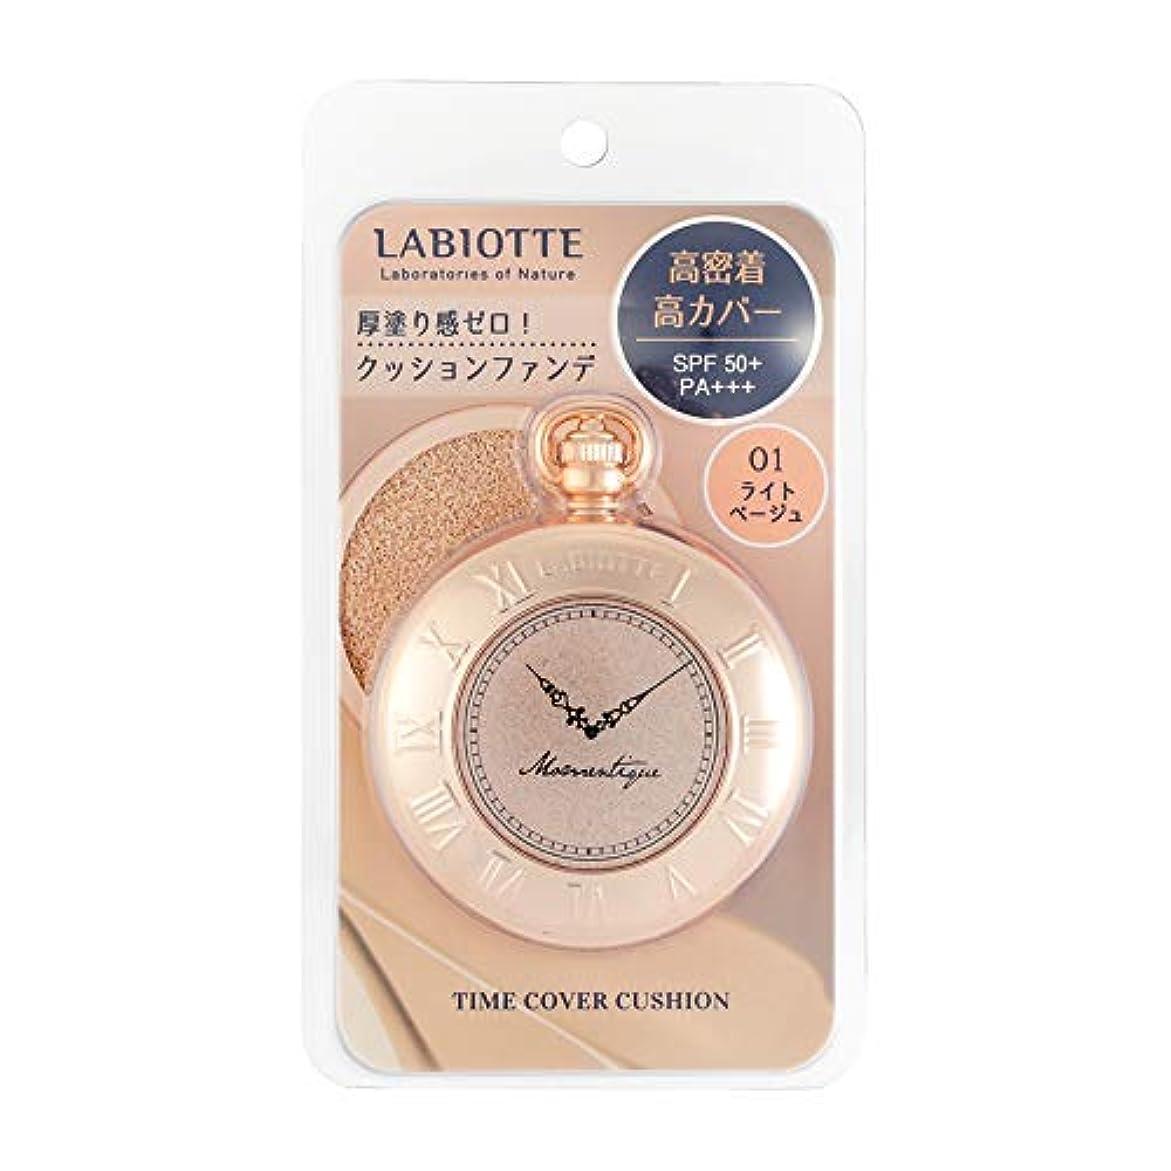 音民間手荷物LABIOTTE(ラビオッテ) タイムカバークッションファンデ 01 ライトベージュ (13g)